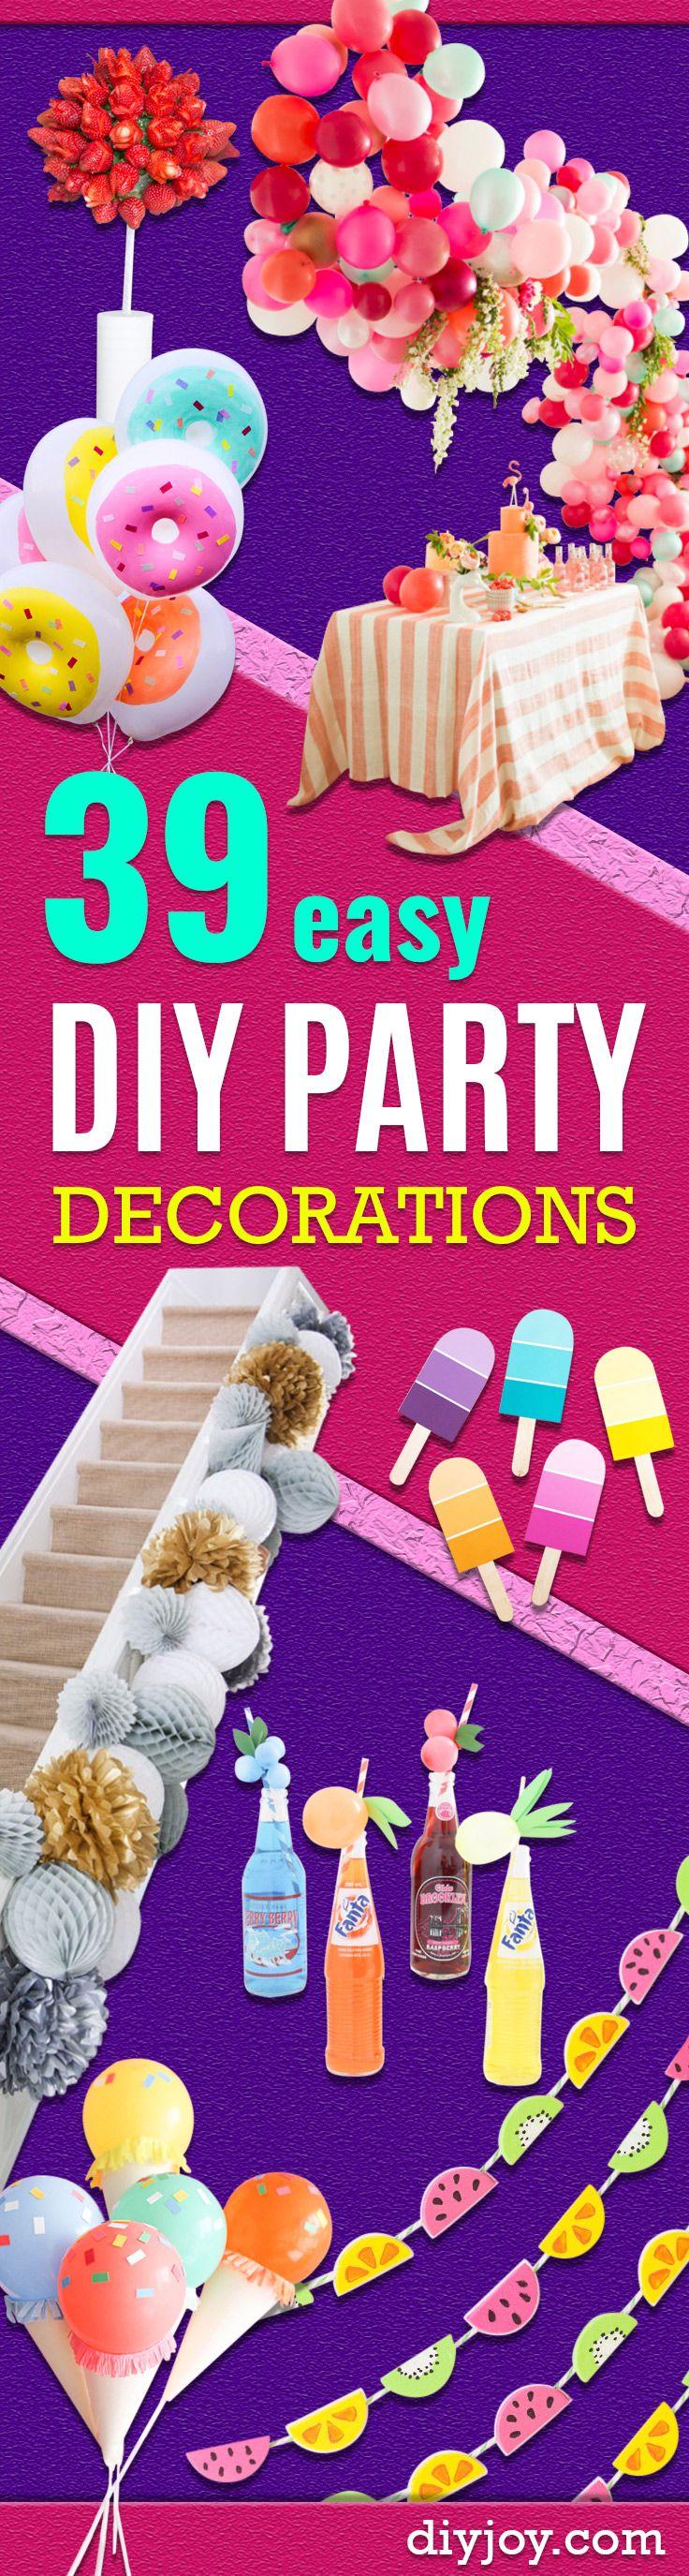 39 Decoración del partido Fácil DIY - rápido y barato Decoraciones para fiestas, ideas fáciles para DIY decoración del partido, decoraciones de cumpleaños, Presupuesto hacerlo usted mismo Decoraciones del partido http://diyjoy.com/easy-diy-party-decorations